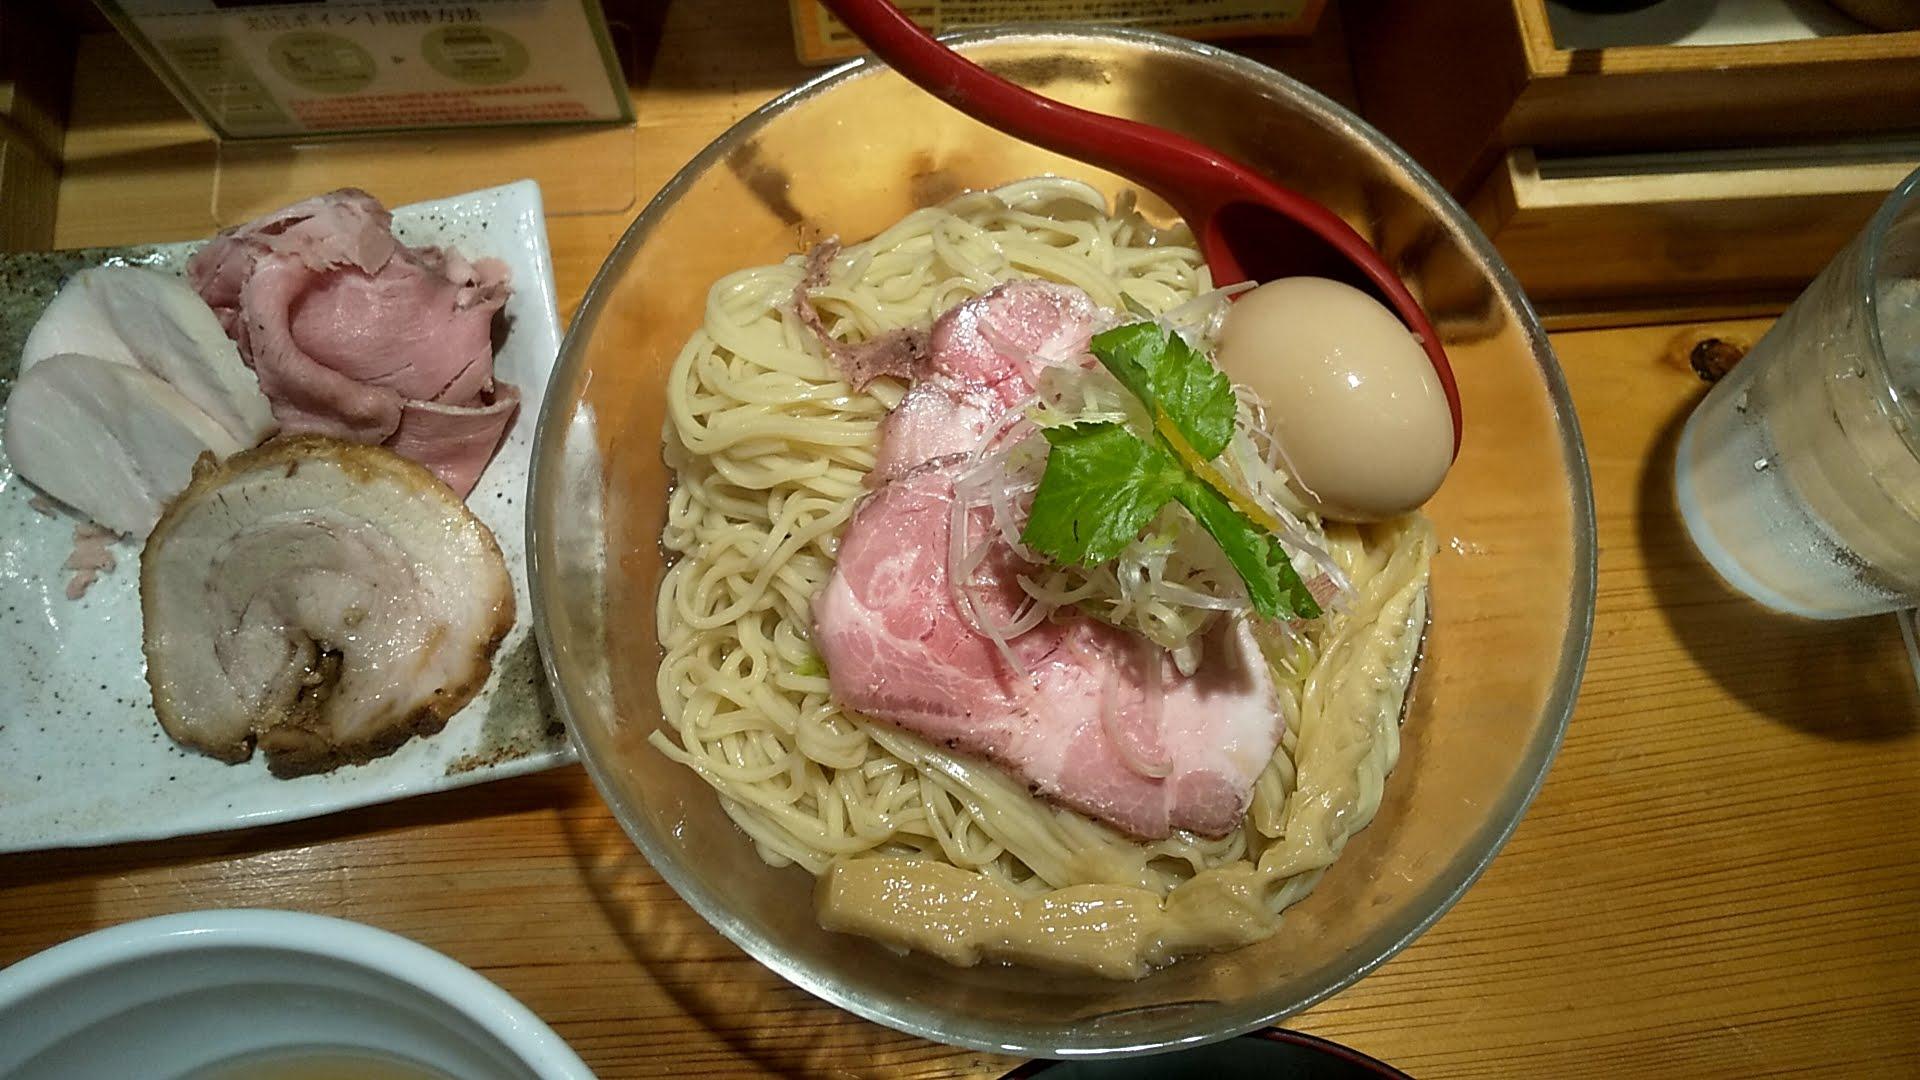 たかはし上野店のしじみ貝の冷たい昆布水つけ麺の麺皿